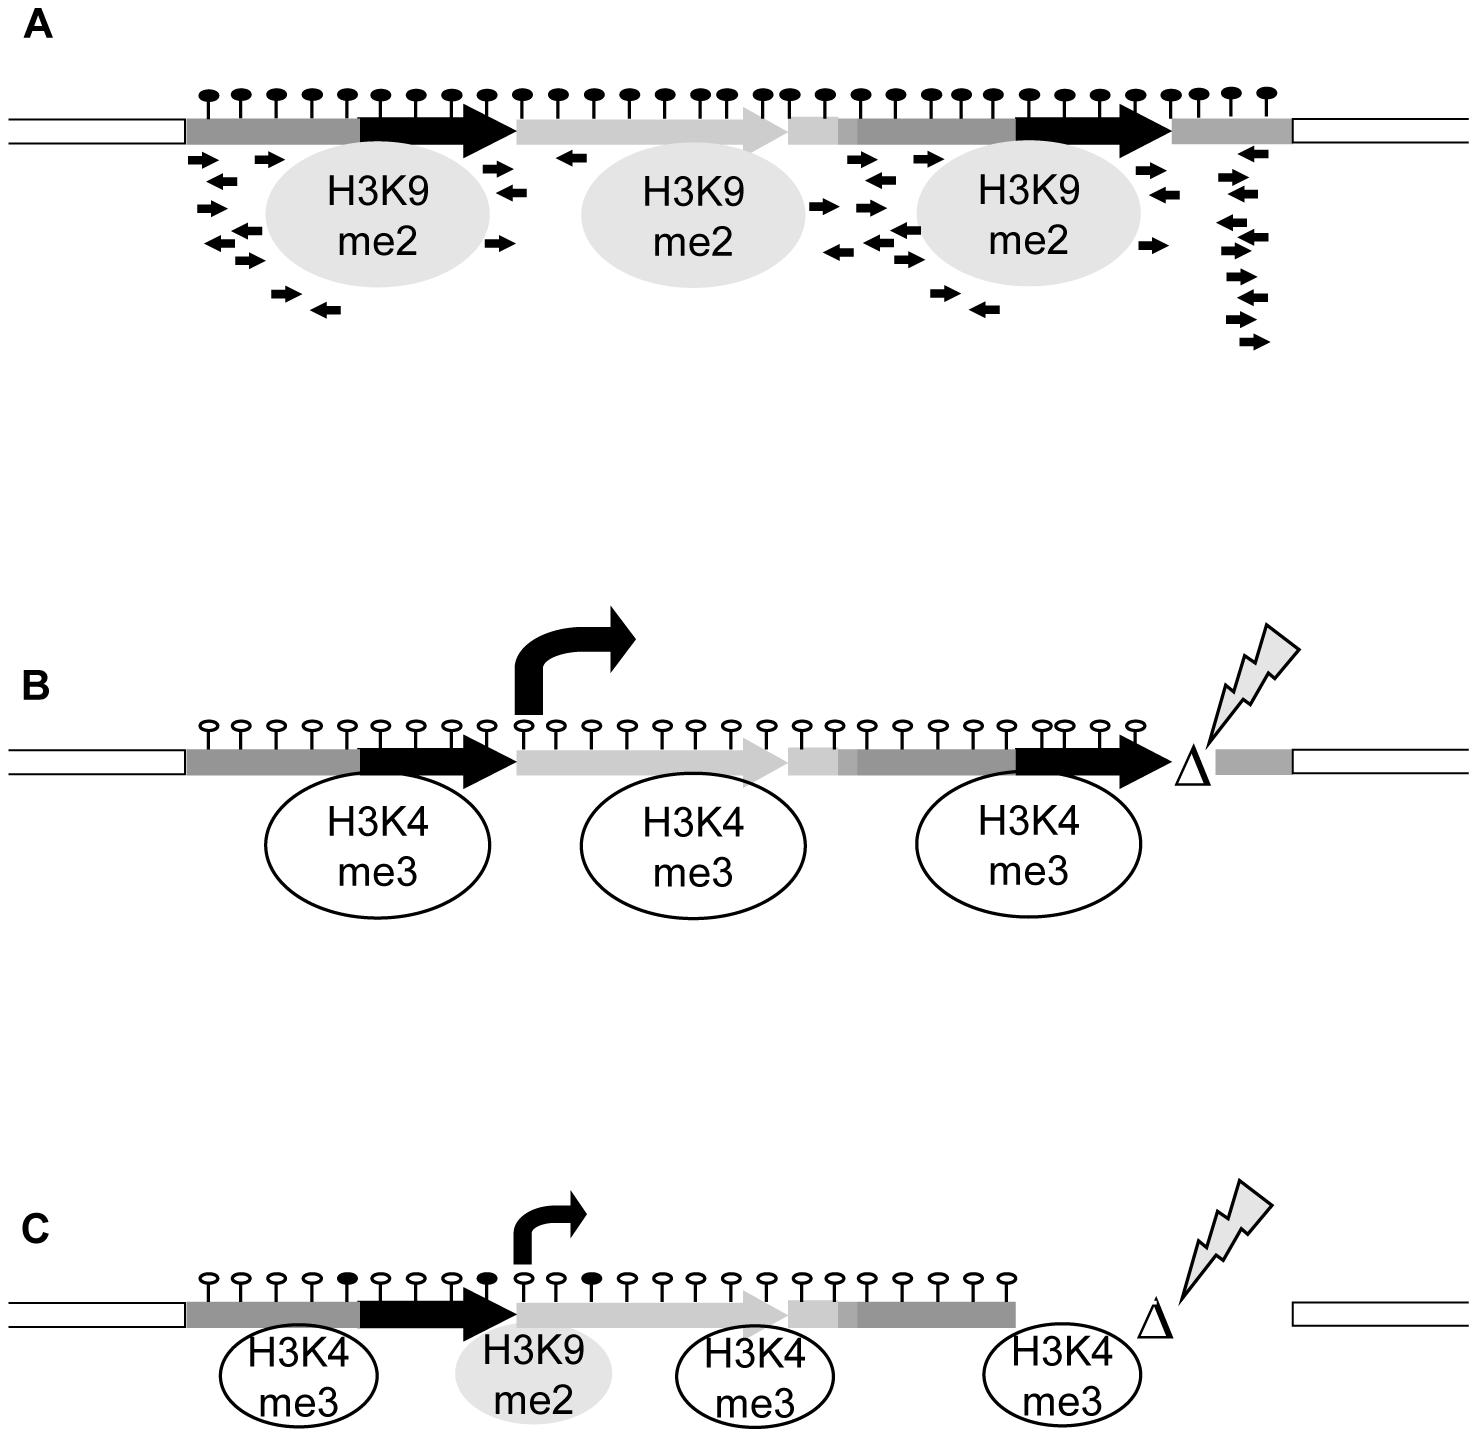 Model for transcriptional regulation of epialleles.